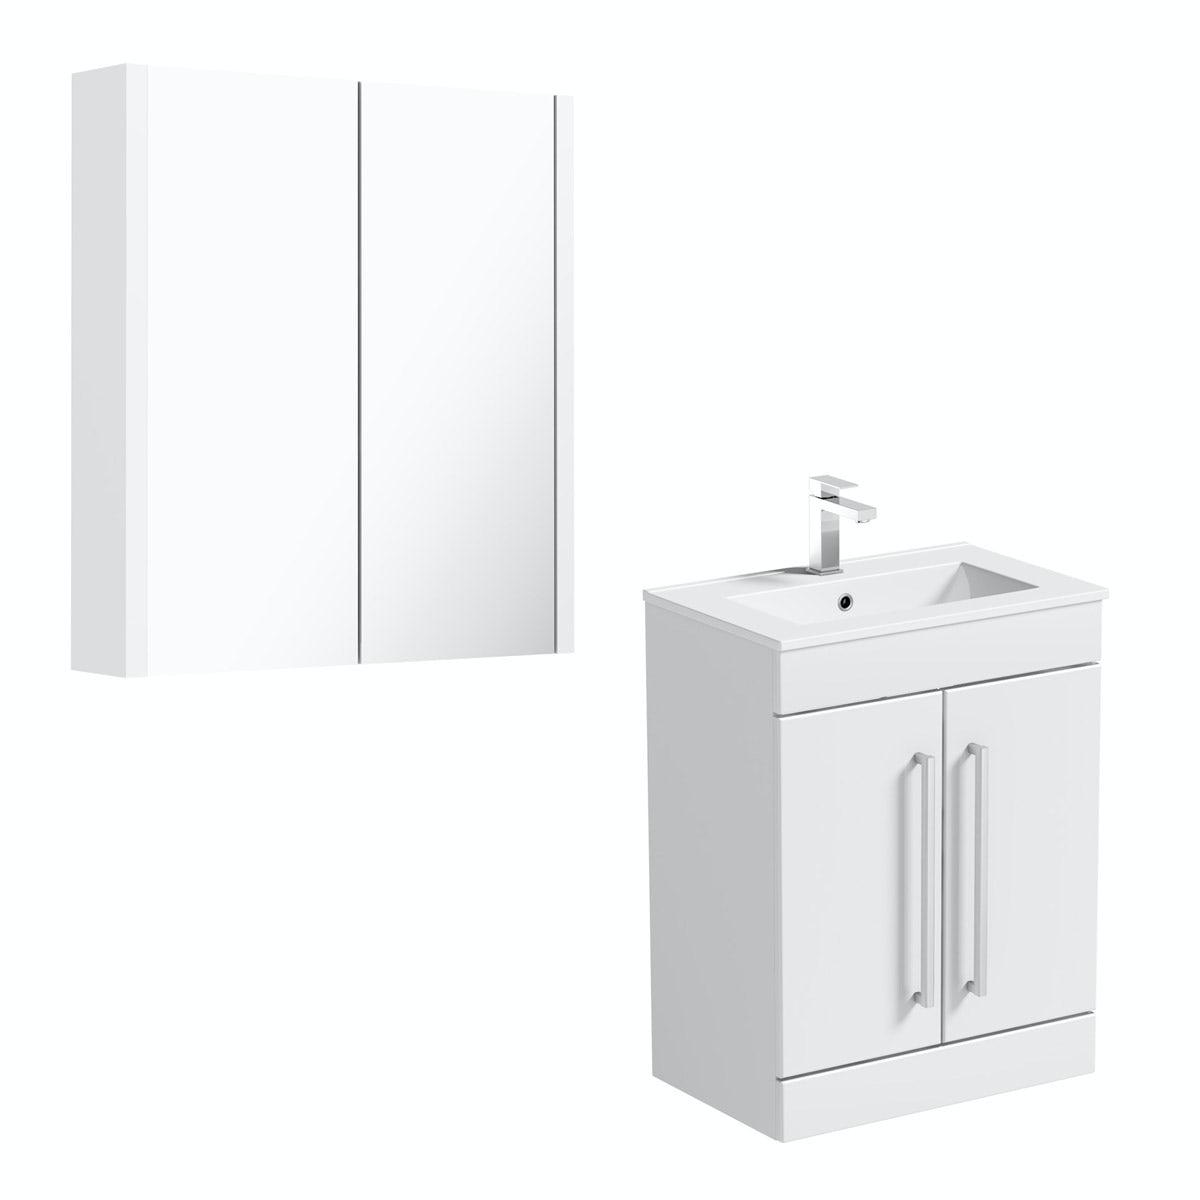 Orchard Derwent white floor door unit 600mm and mirror